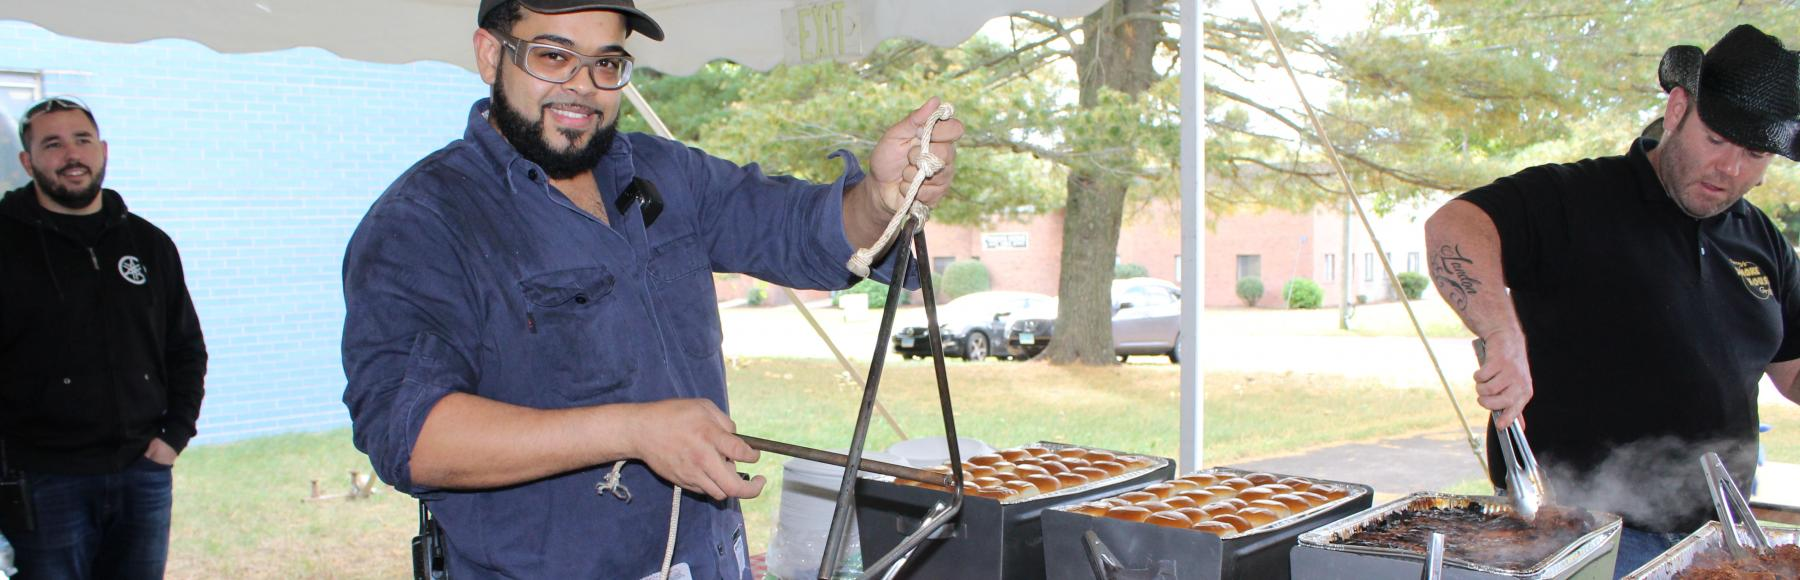 戴着帽子、眼镜和假胡须的男子用手里的金属三角形敲出声响,宣告用餐开始。他站在户外帐篷下的自助烧烤餐台前。一位穿黑色衬衫、戴黑色牛仔帽的男子正在分发食物。